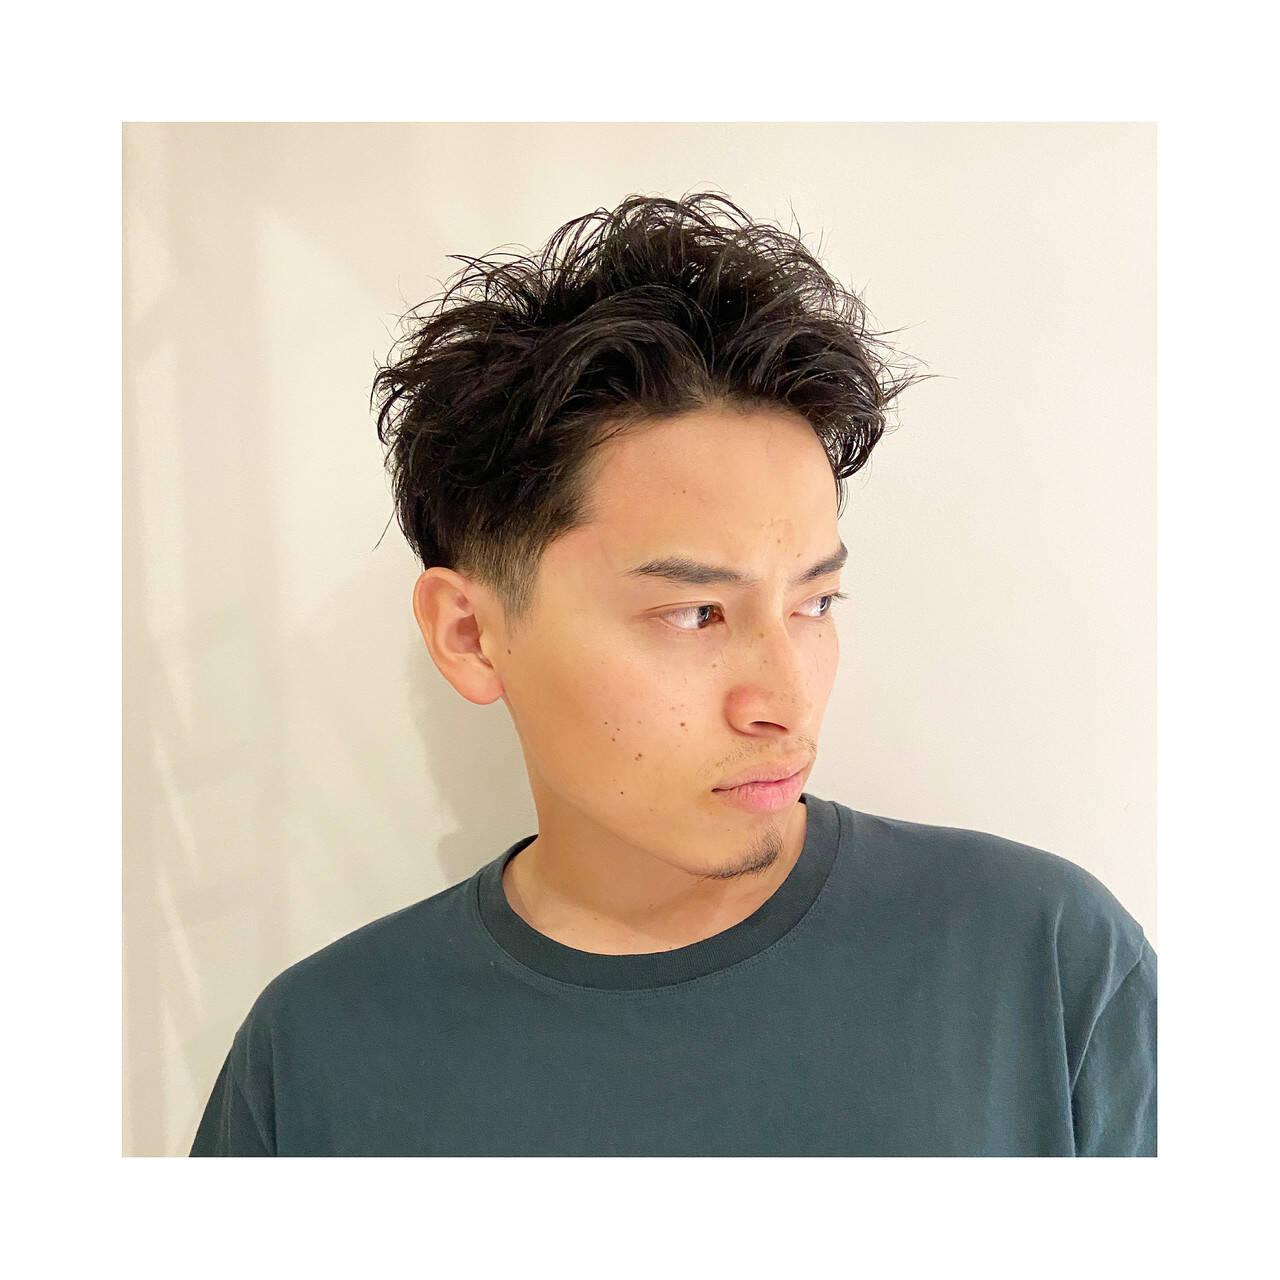 メンズパーマ 刈り上げ ショート メンズヘアスタイルや髪型の写真・画像